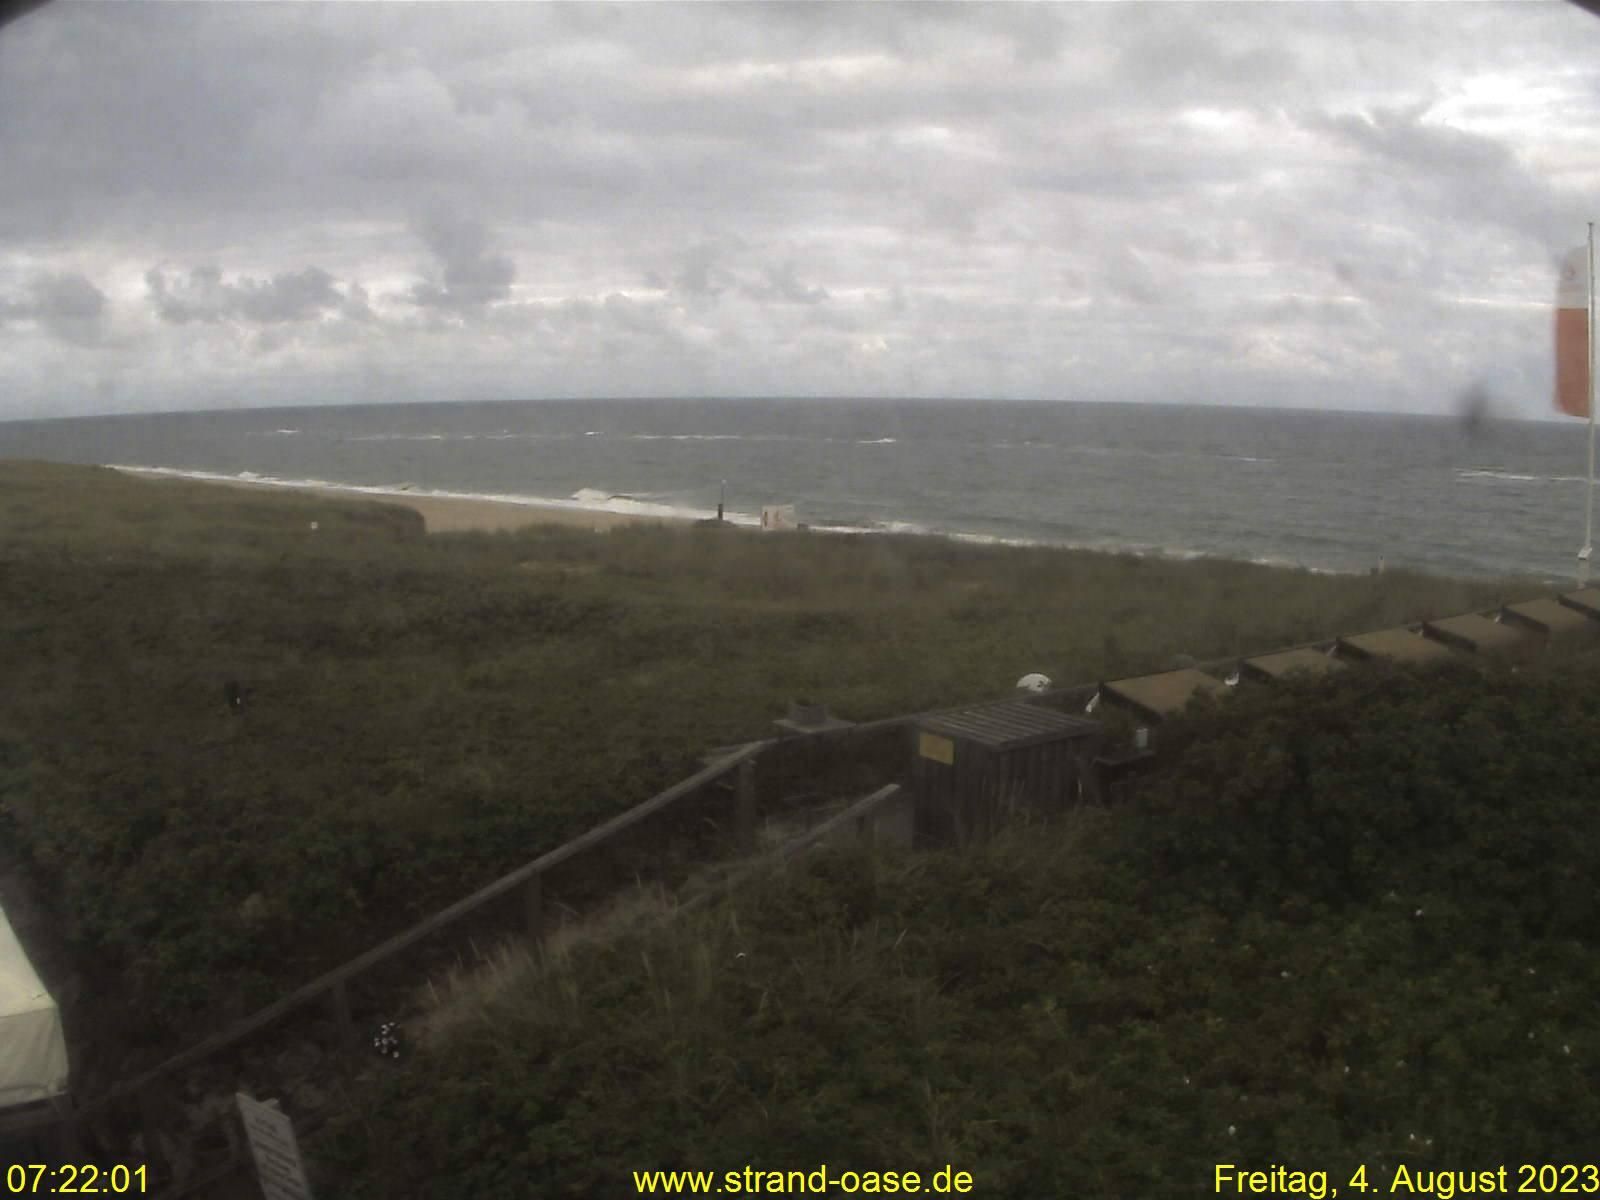 Westerland (Sylt) Sa. 07:22